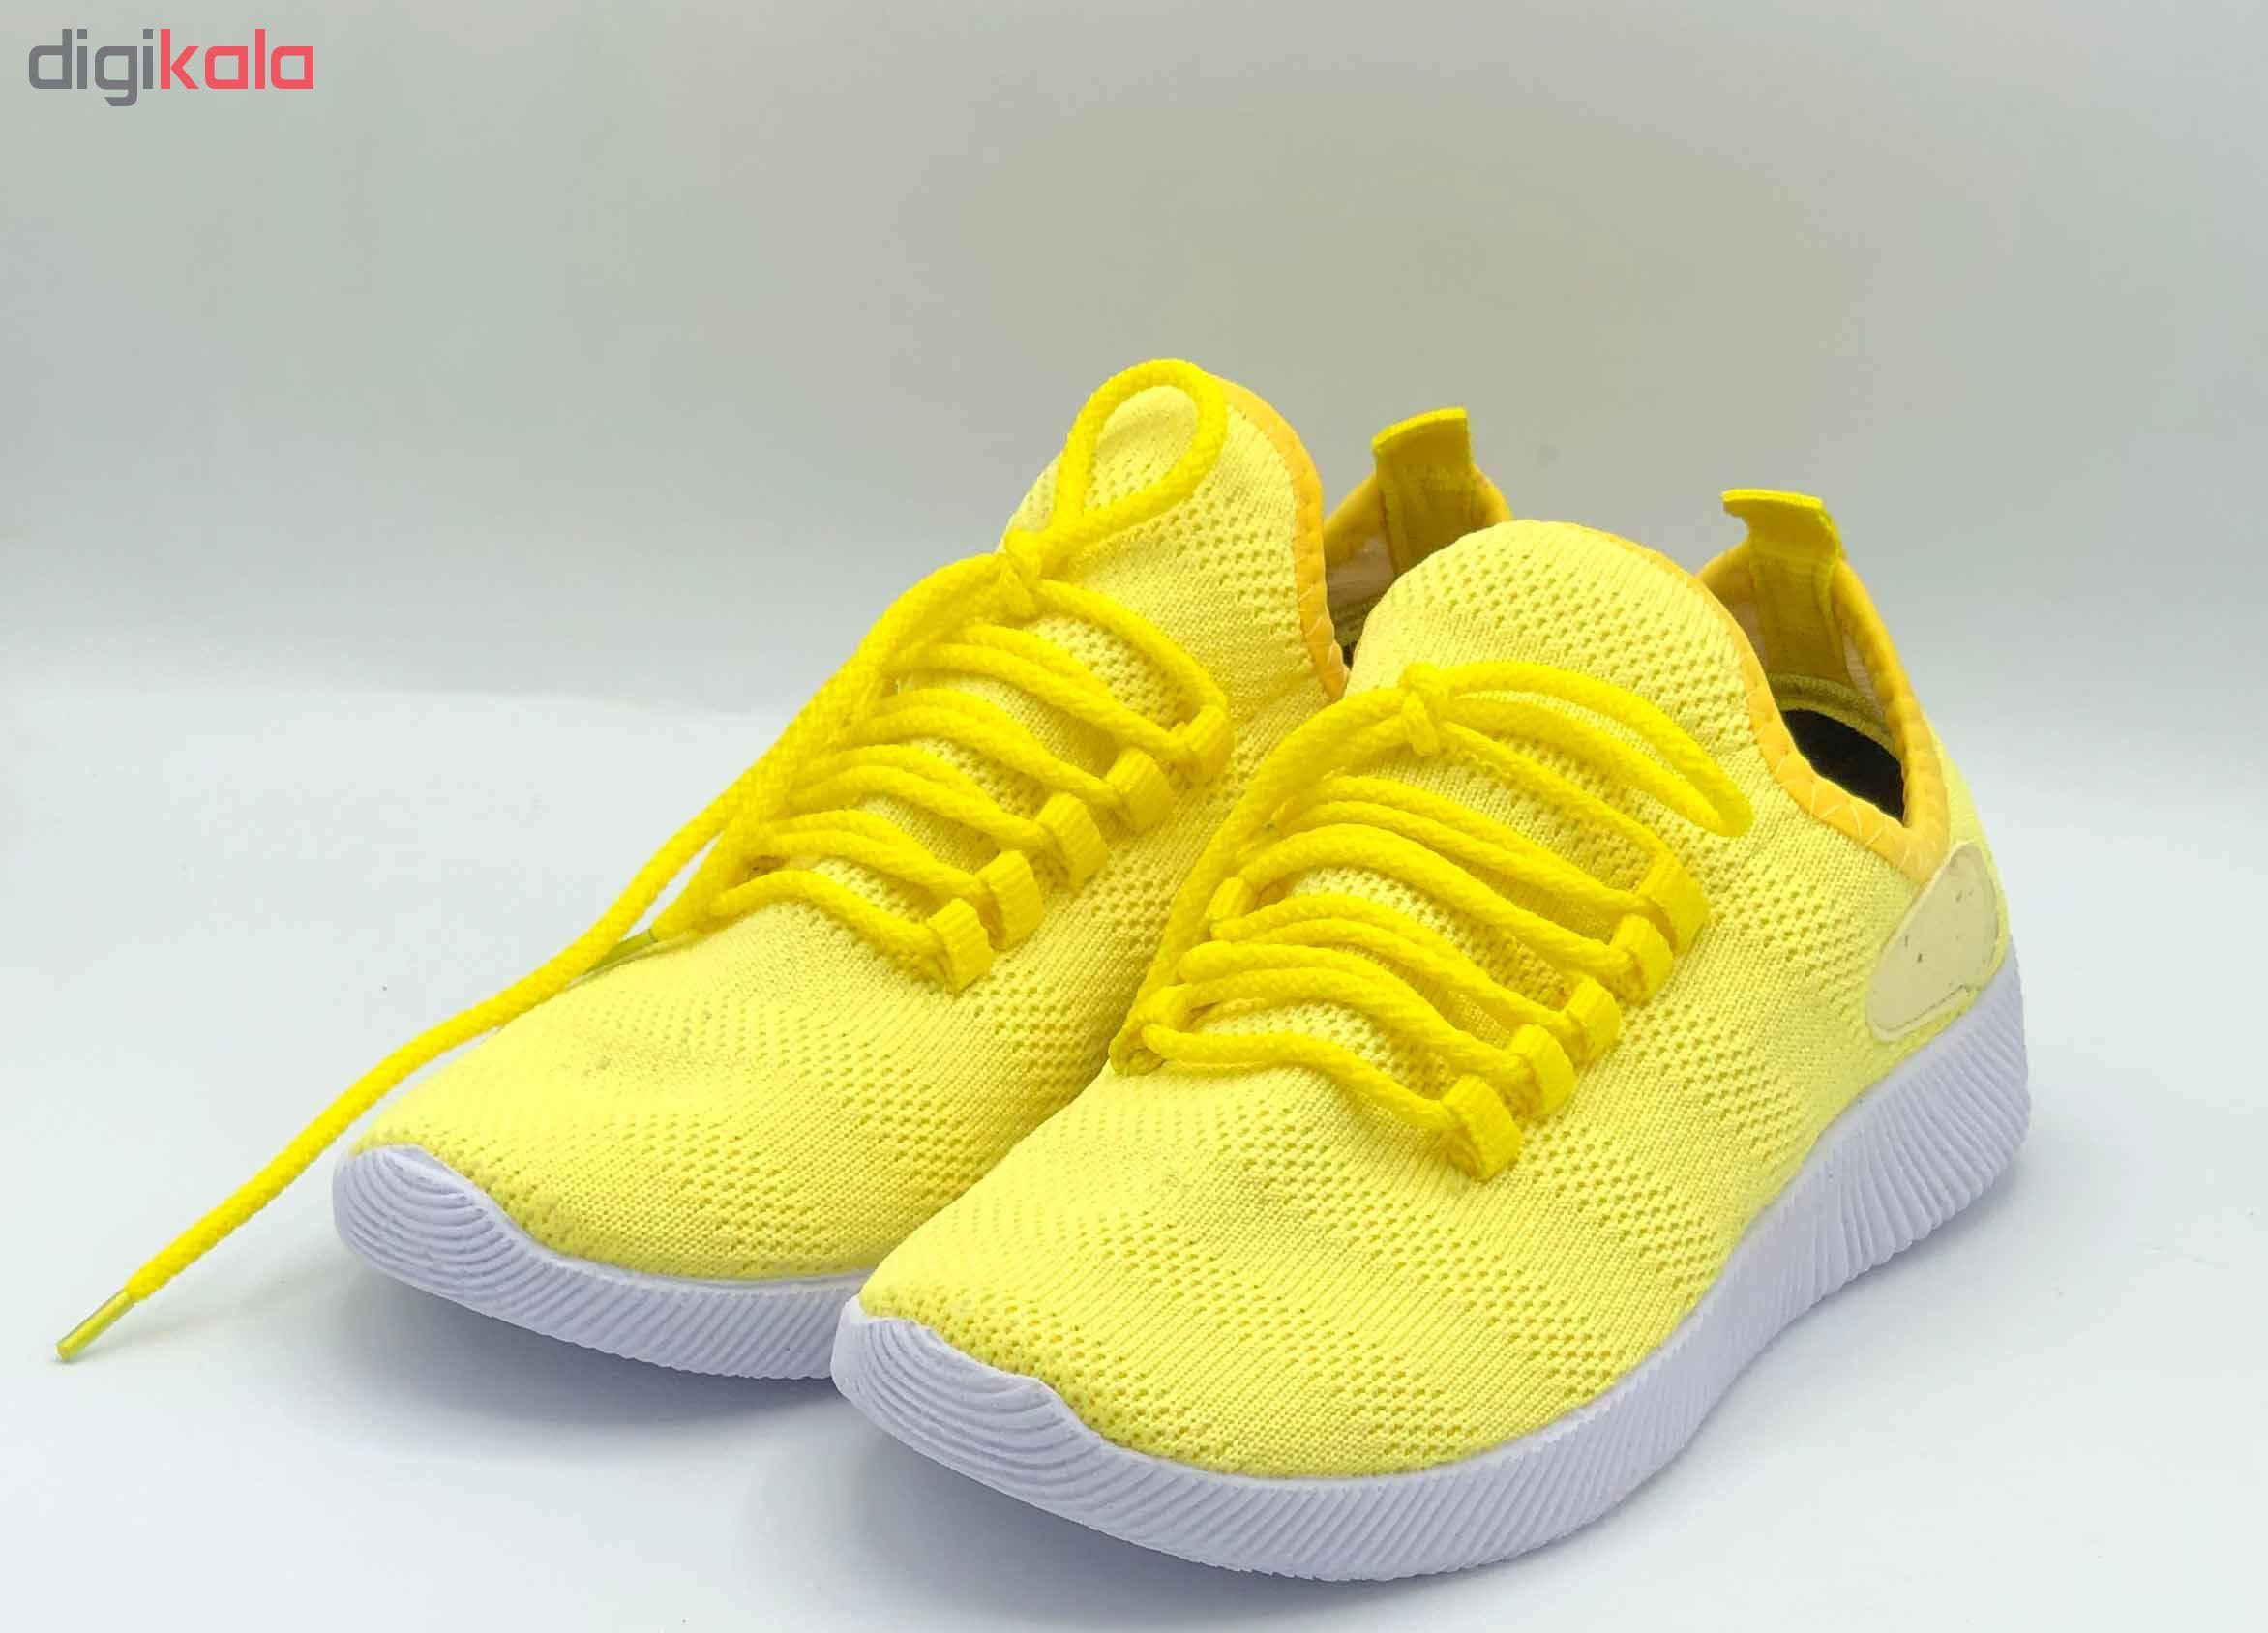 کفش مخصوص پیاده روی زنانه کد 9813